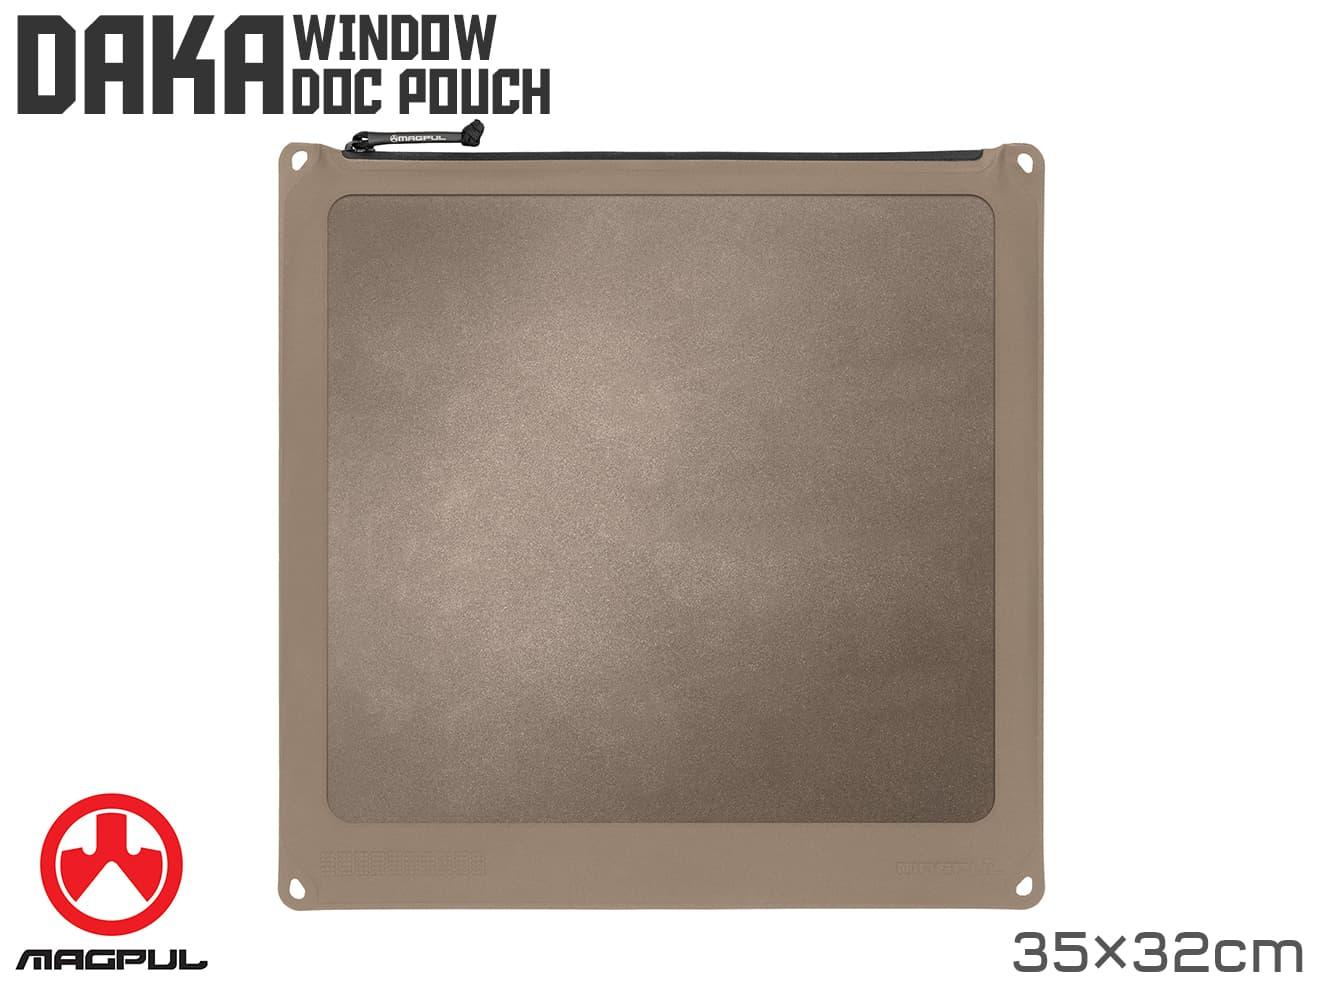 Magpul DAKA Window ドキュメントポーチ[35cm×32cm] FDE◆マグプル ダカポーチ 半透明 MA321530313 中身が見える 汚れに強い サバゲー収納